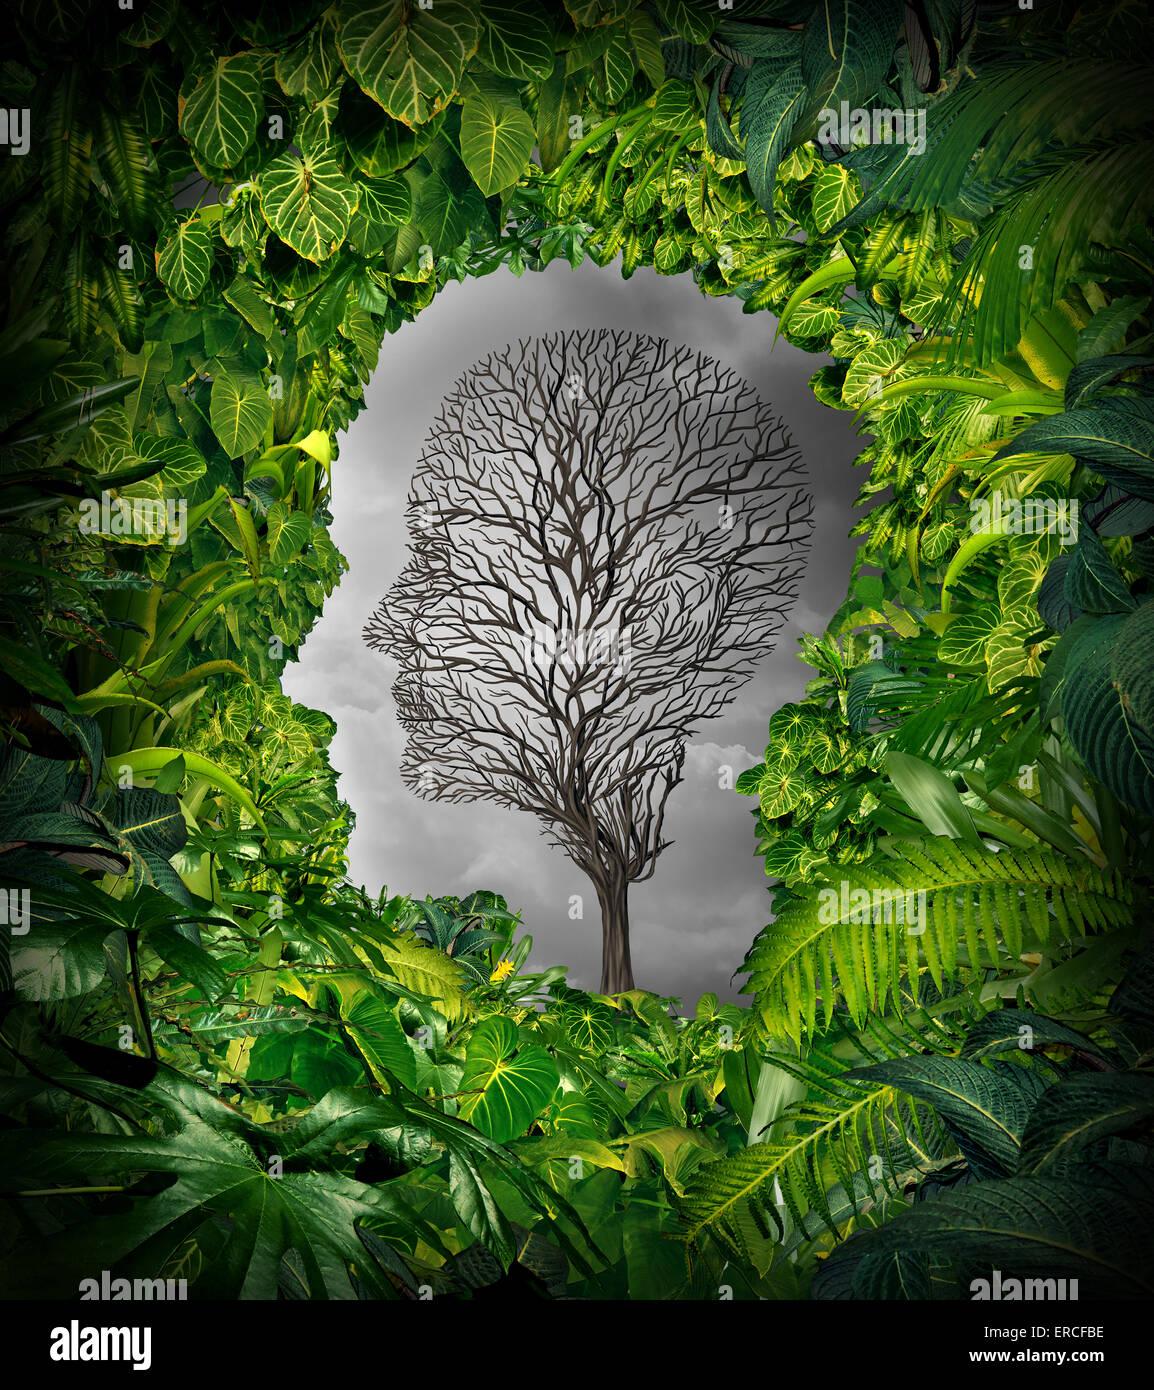 Dentro del concepto de depresión y sentimientos de angustia como un símbolo de salud mental con una jungla Imagen De Stock